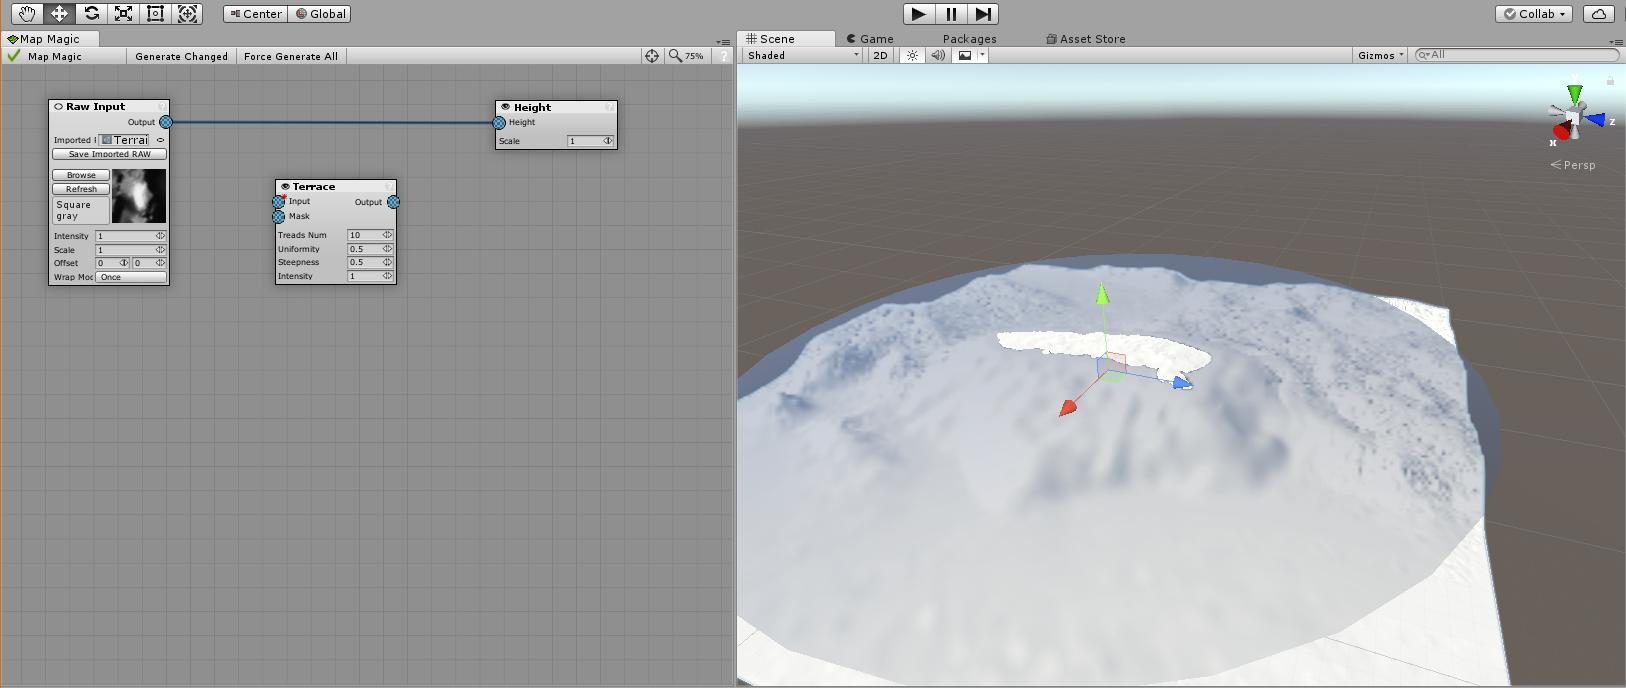 MapMagic_Island_TerraceNodeQuestion.PNG